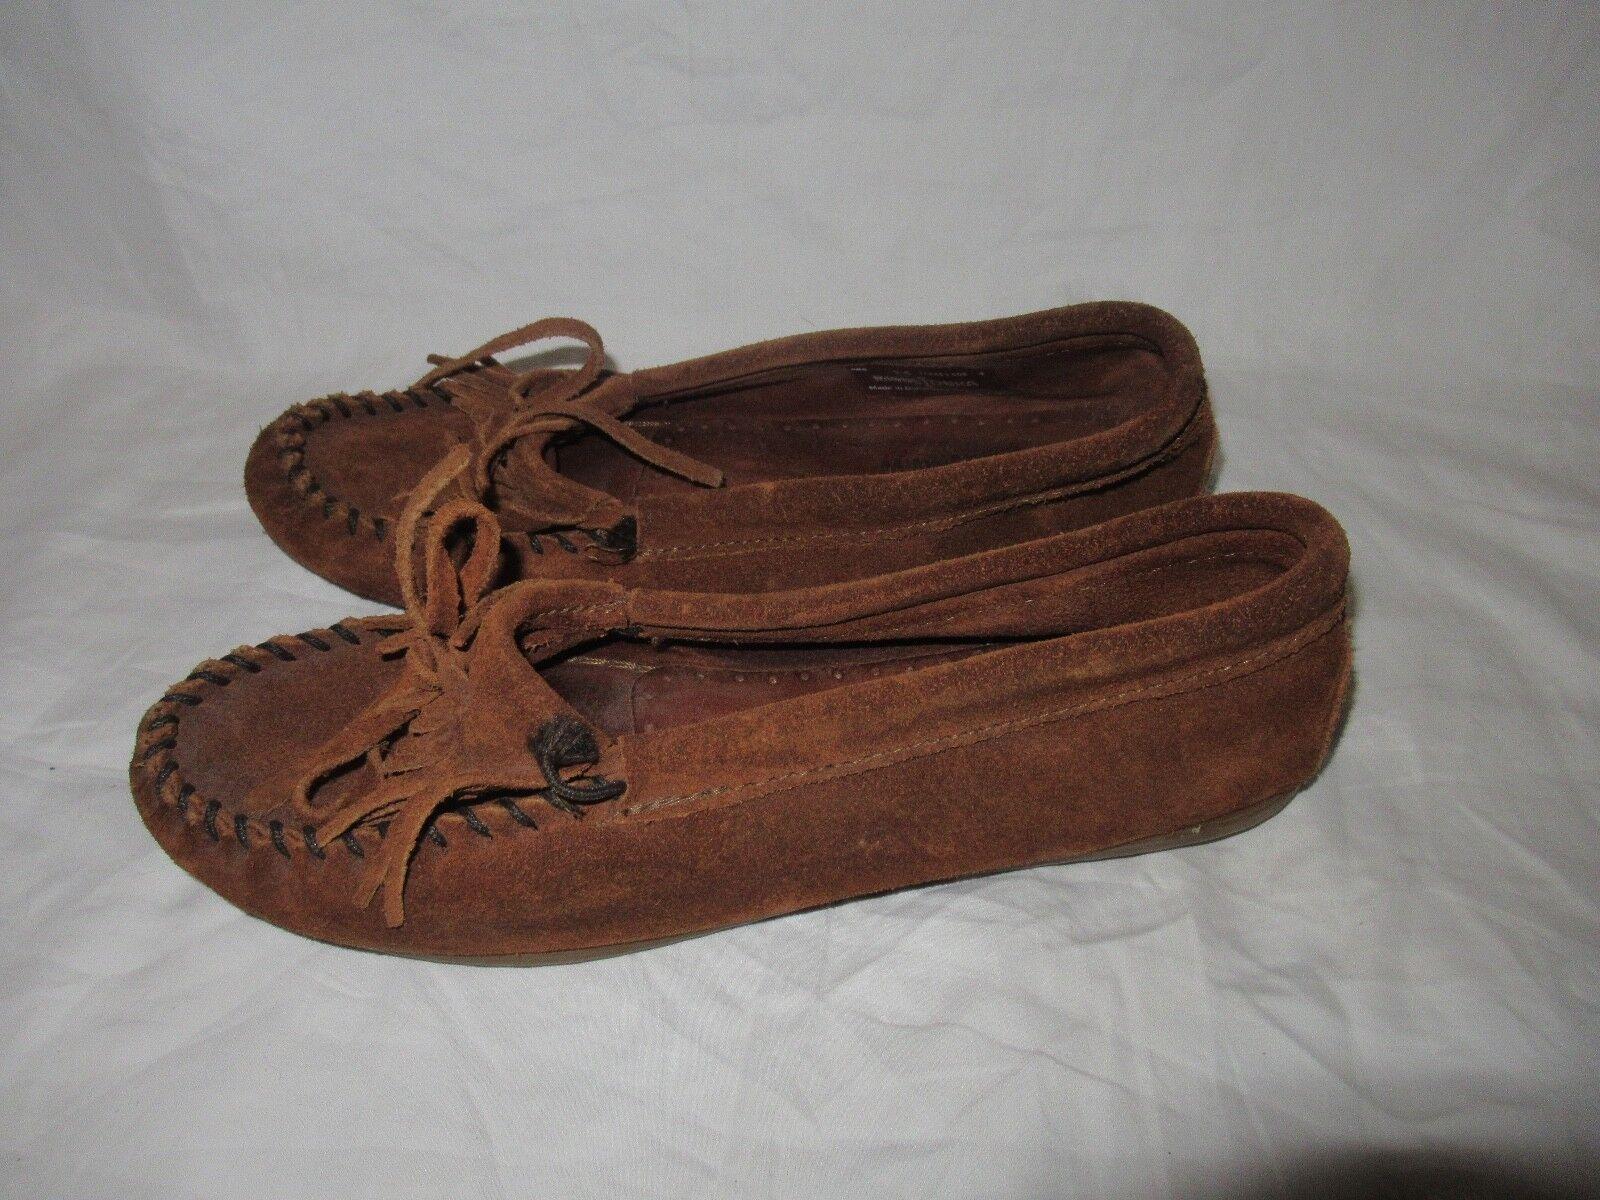 Minnetonka 402 Size 7.5 Women's Kilty Hardsole Hard Sole Moccasin BROWN SUEDE